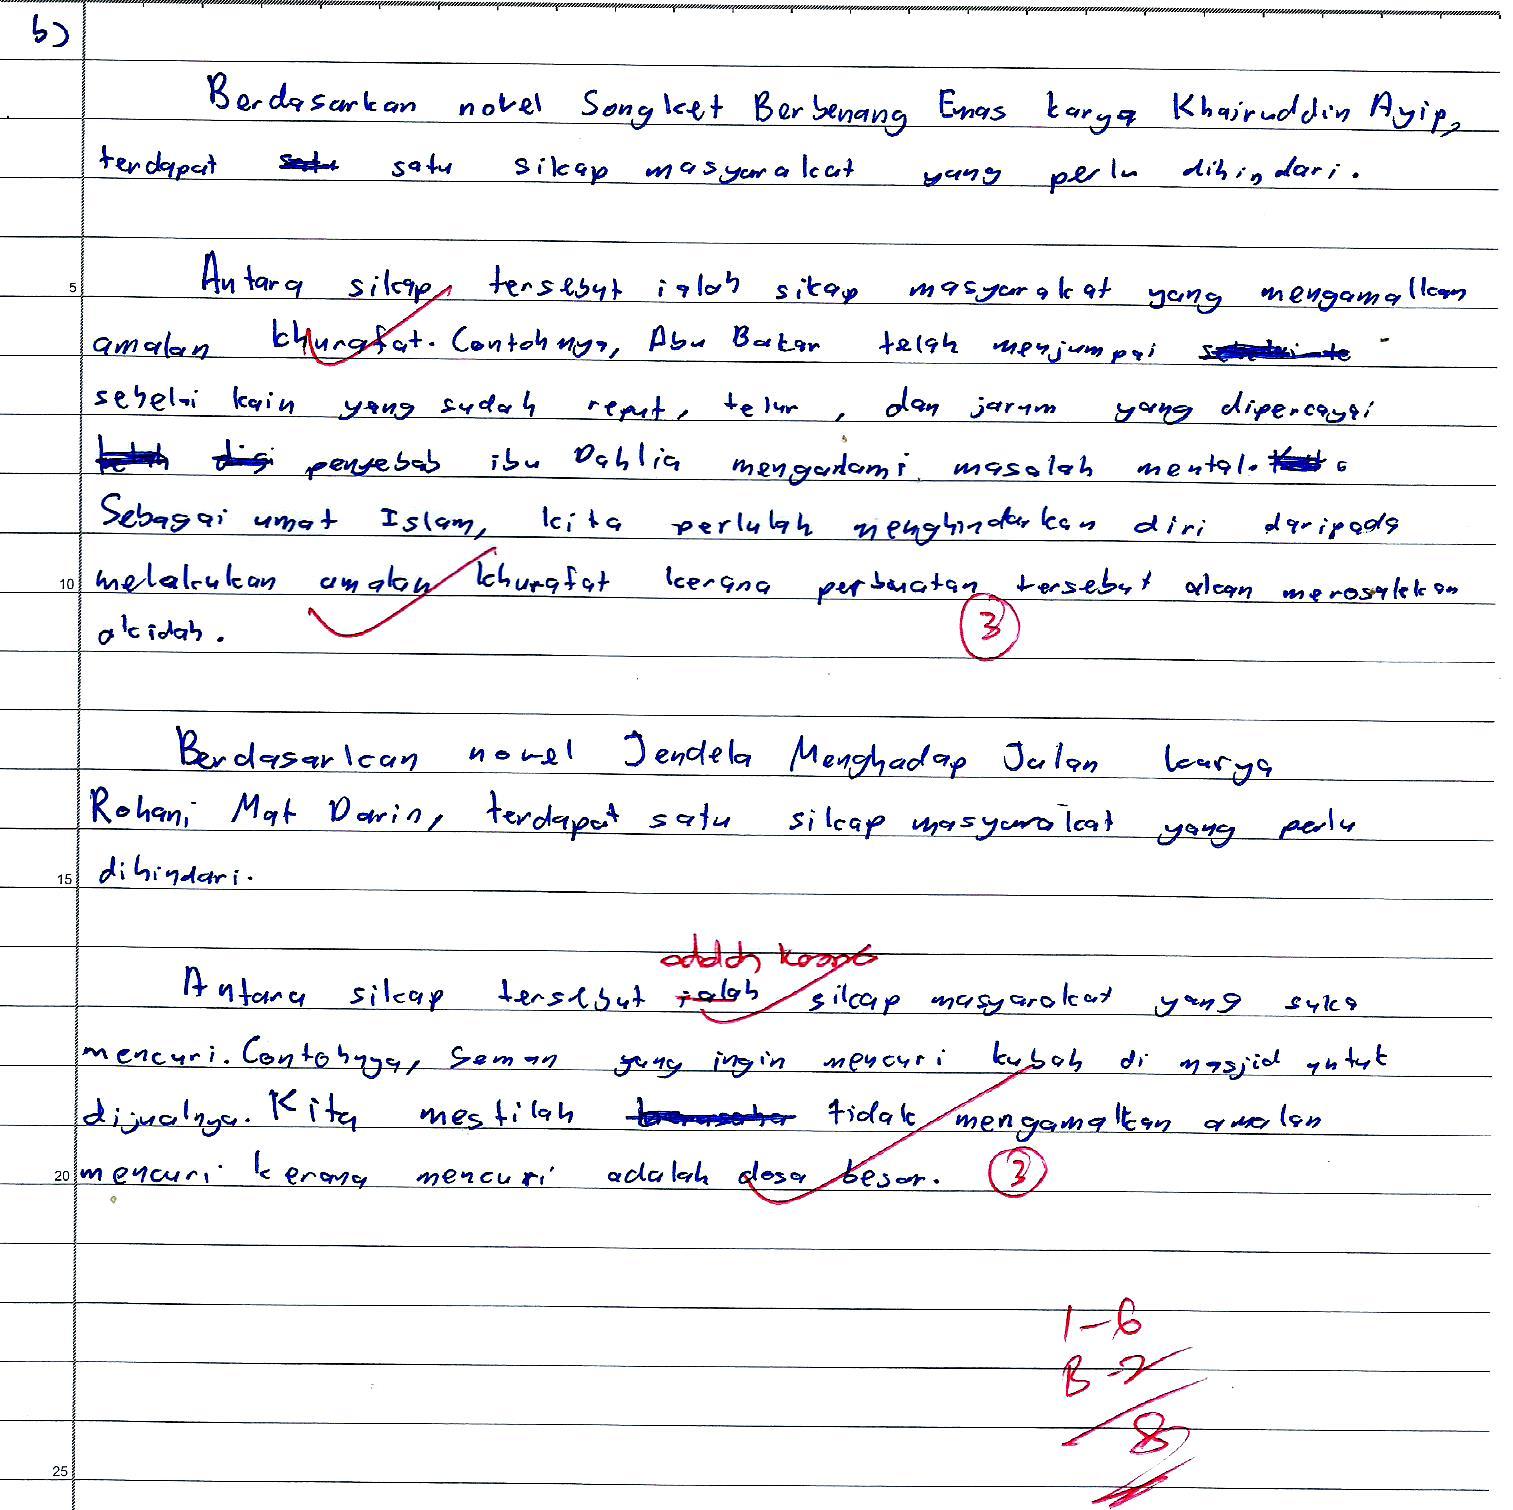 Laman Bahasa Melayu Spm Analisa Dan Komen Guru Berdasarkan Skrip Jawapan Pelajar Kelas Sains Semasa Menjawab Soalan 4 A Dan 4b Semasa Peperiksaan Percubaan Spm 2017